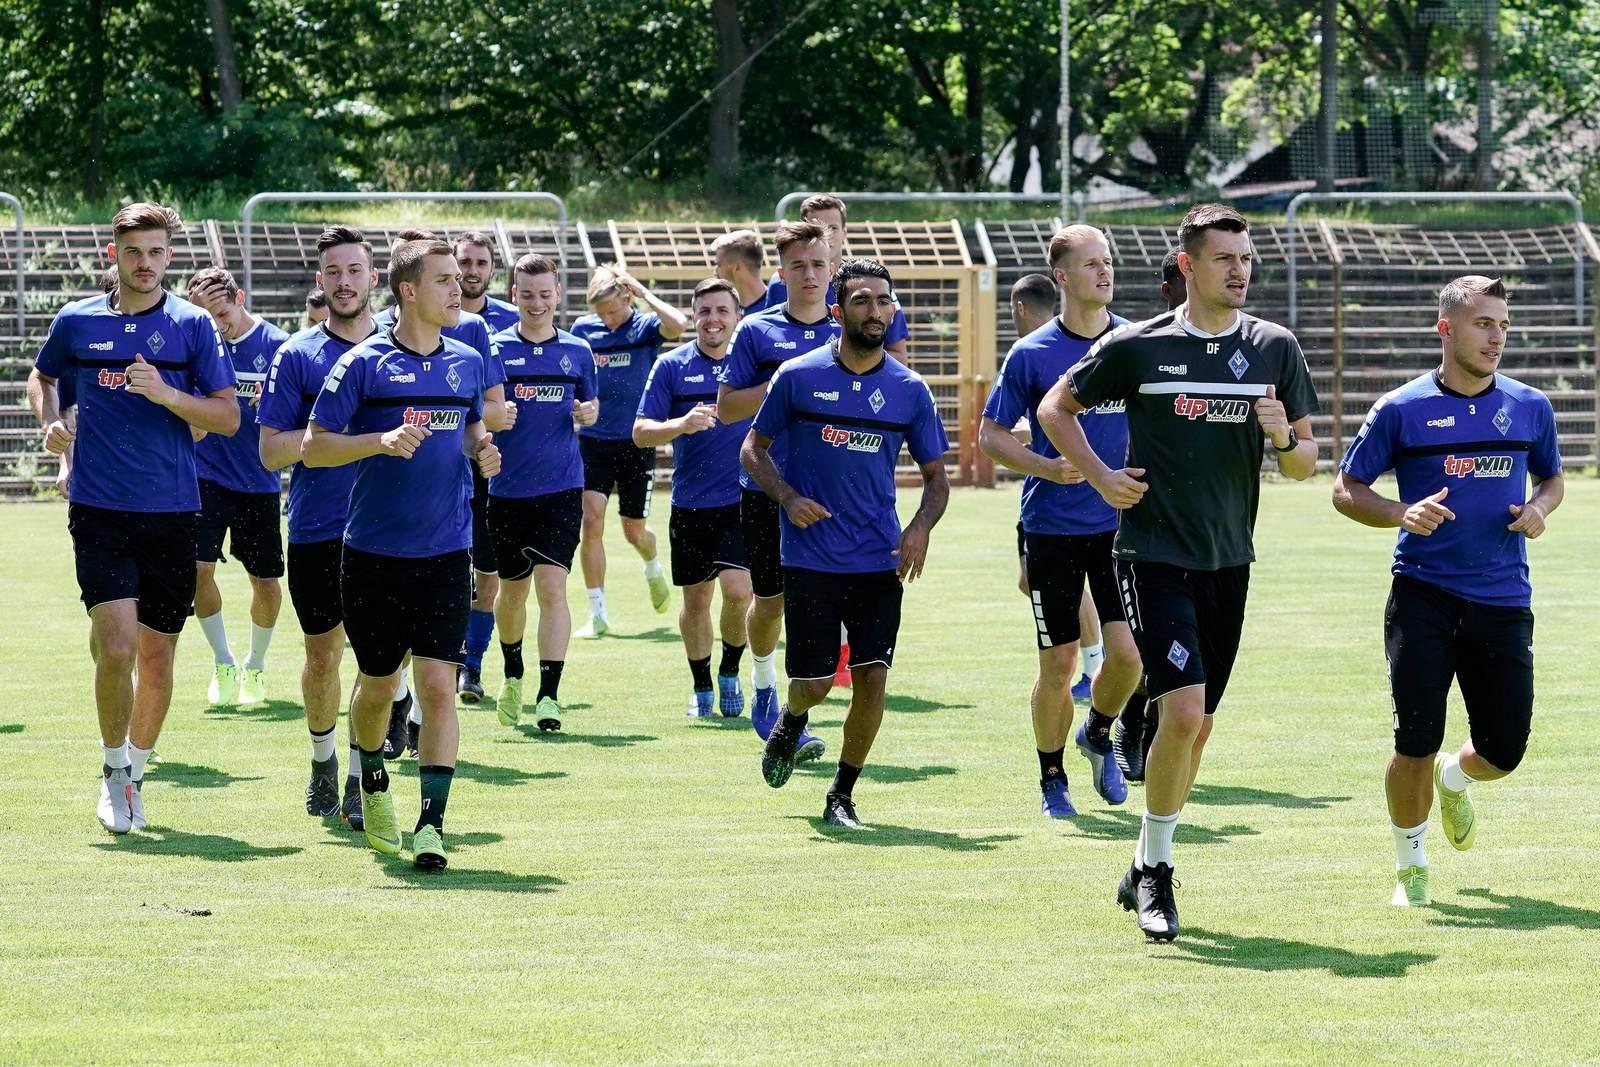 Der SV Waldhof Mannheim dreht seine Runden